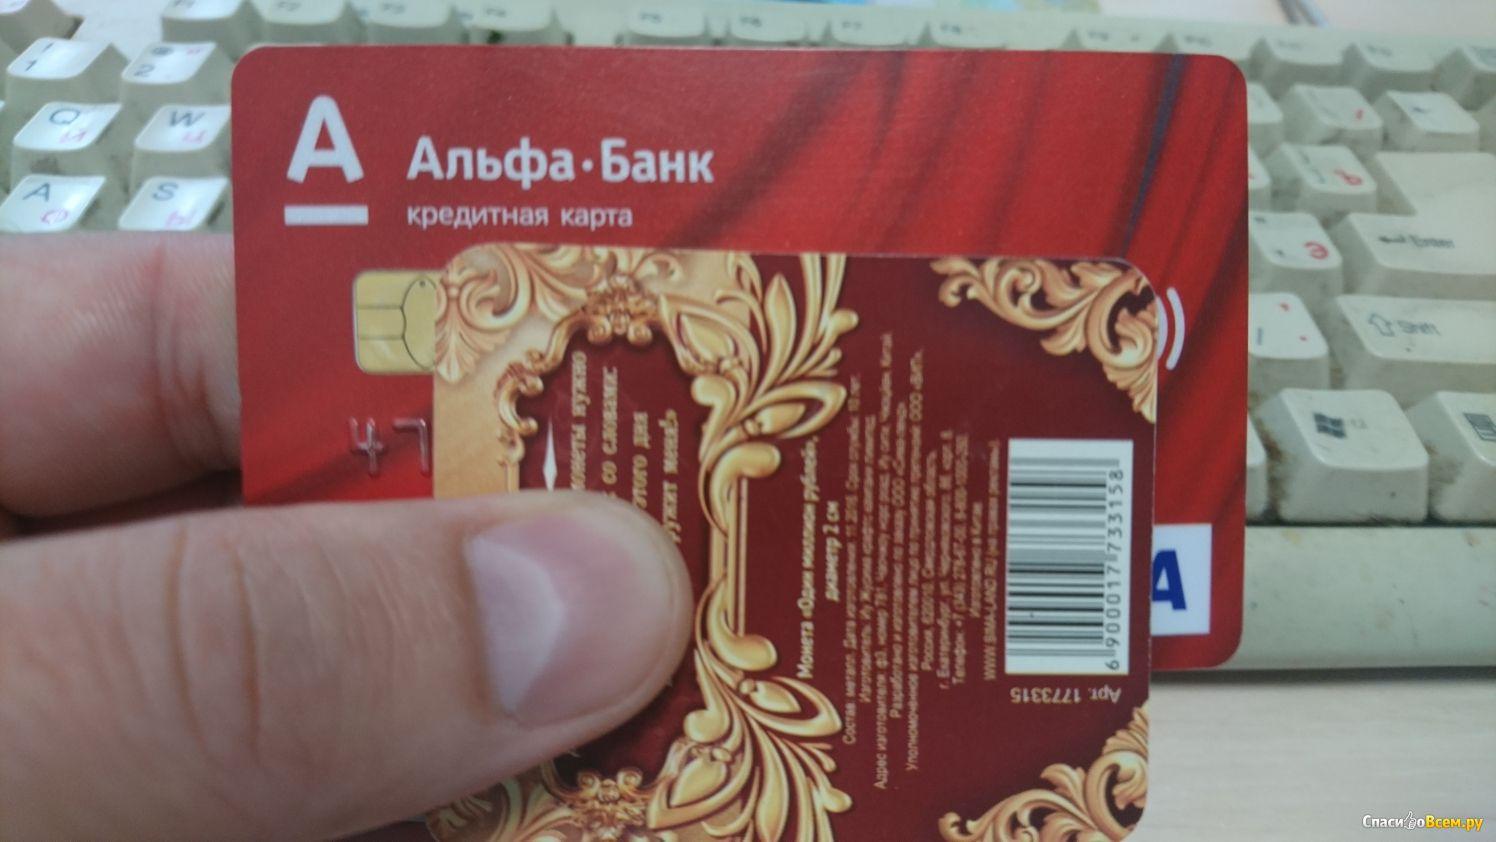 Альфа-банк кредитная карта 100 дней без процентов оформить онлайн заявку санкт петербург